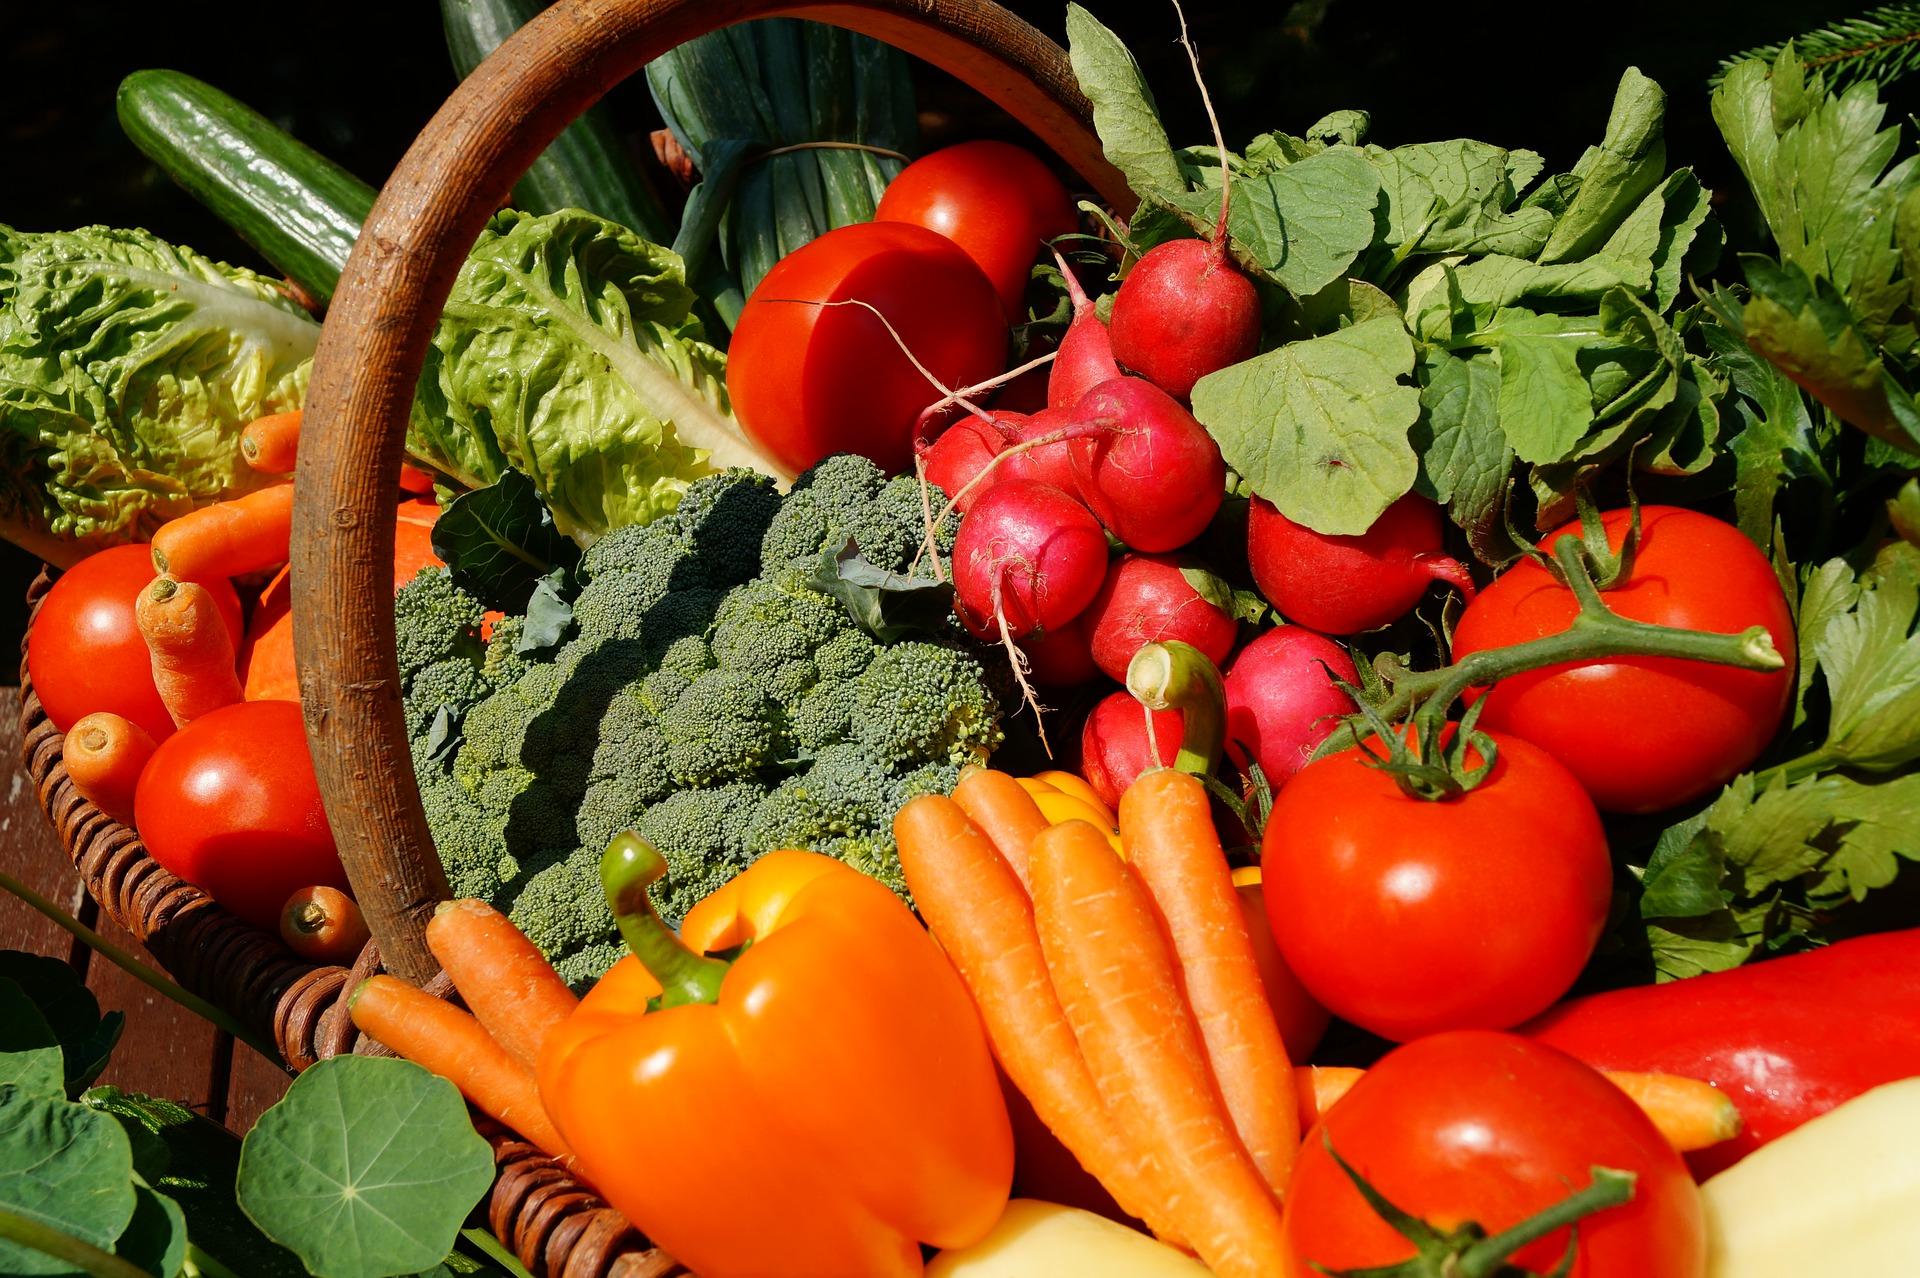 V jídelníčku střídejte všechny druhy zeleniny / pixabay.com